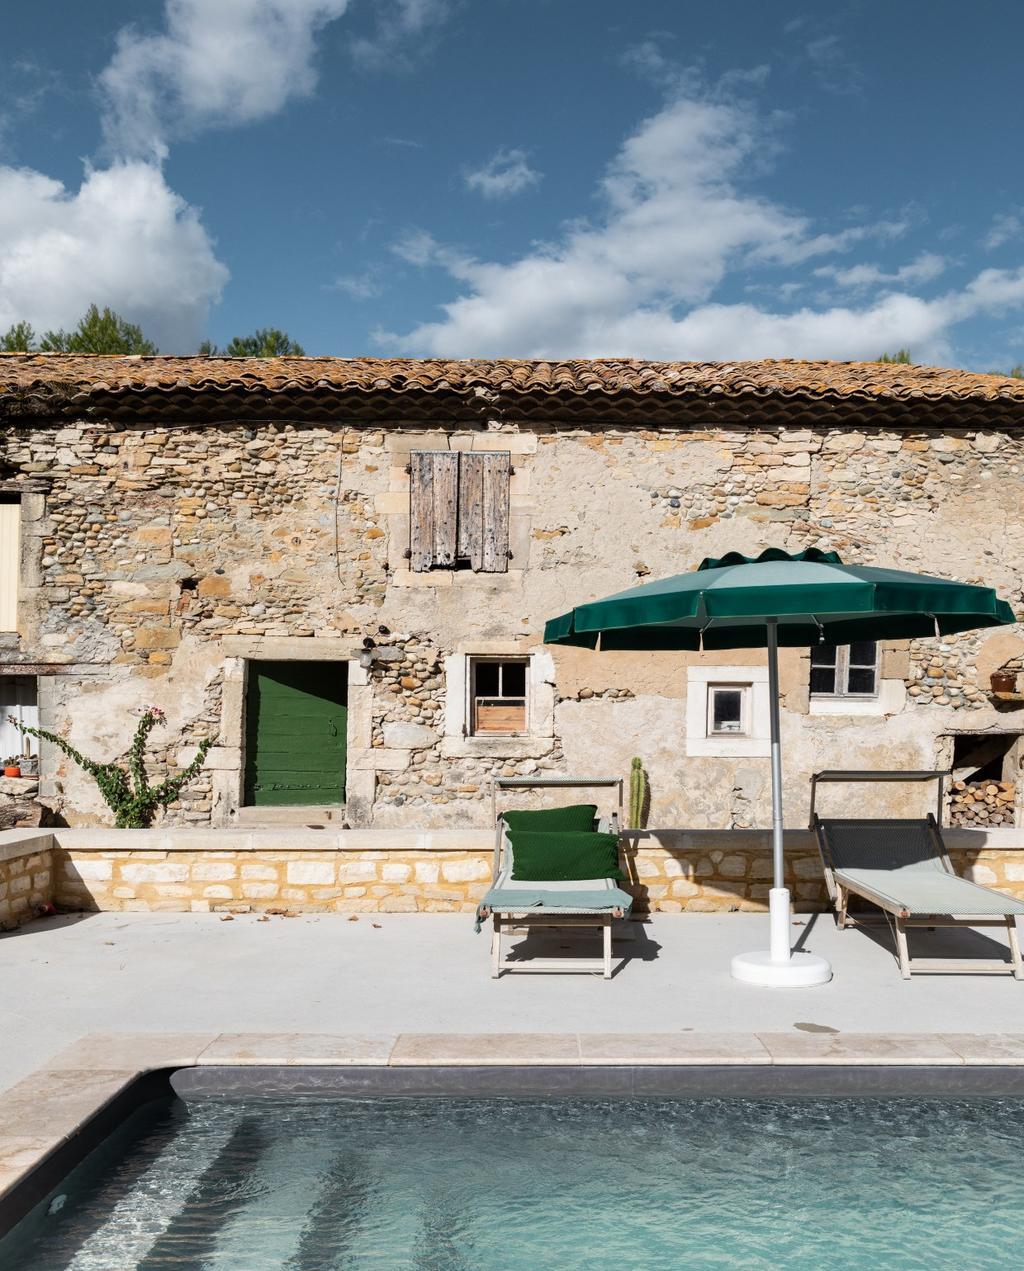 vtwonen 08-2020 | bk buitenland Frankrijk buitenzwembad met groene parasol